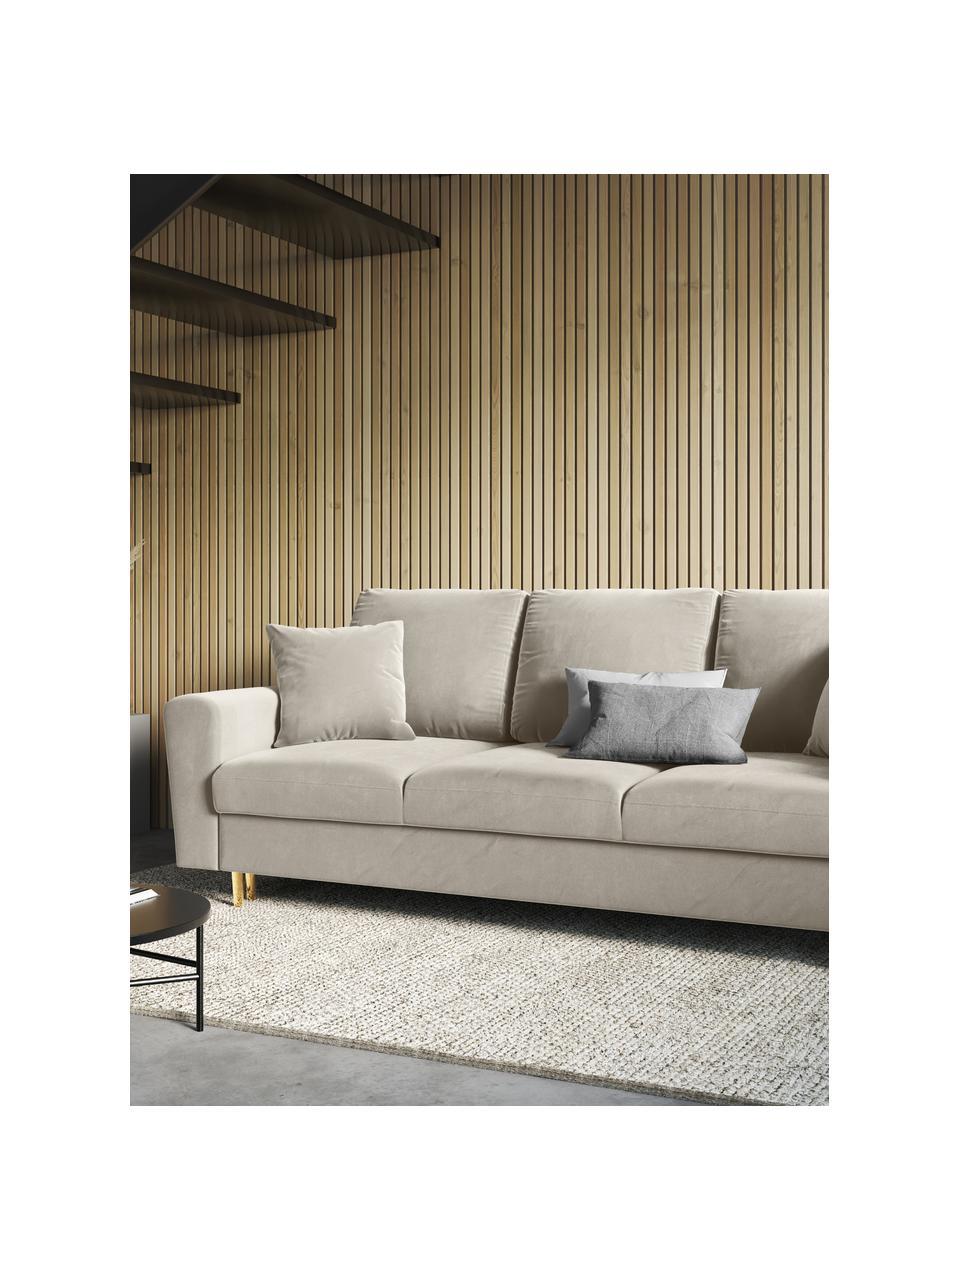 Sofa rozkładana z aksamitu z miejscem do przechowywania Moghan (3-osobowa), Tapicerka: 100% aksamit poliestrowy , Nogi: metal powlekany, Beżowy, S 235 x G 100 cm